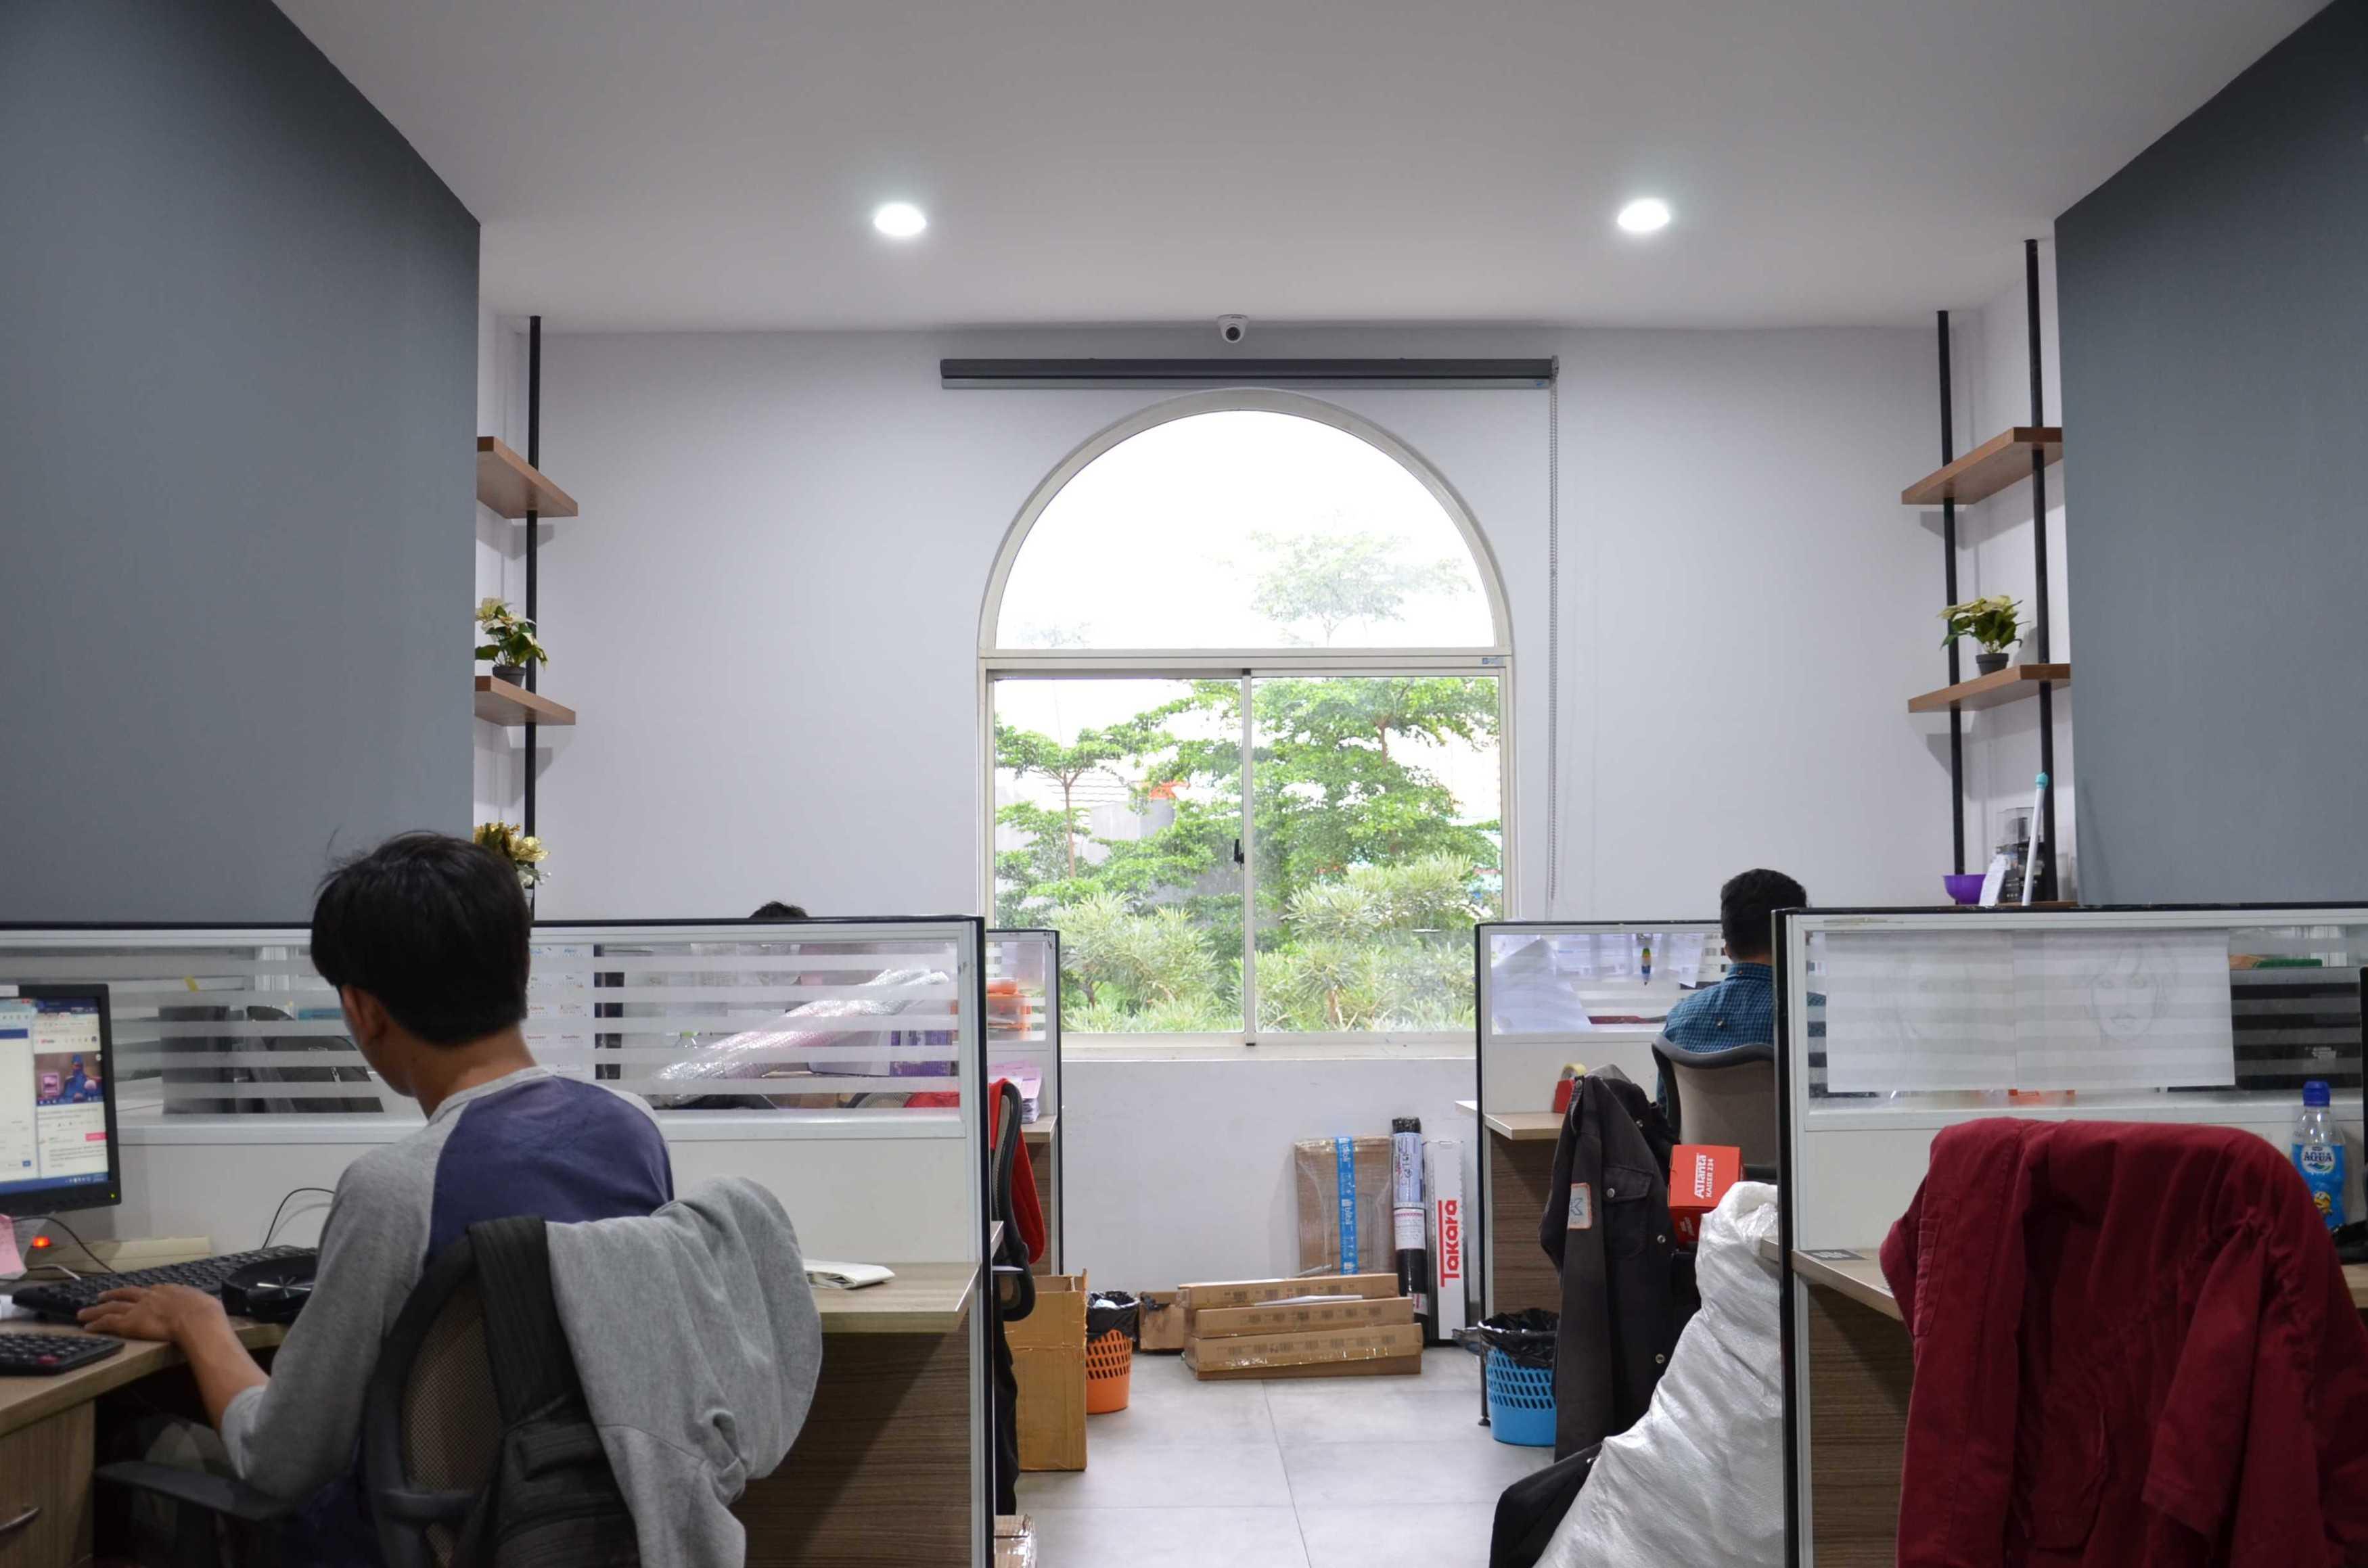 Atelier Ara Godric Store Tangerang, Banten, Indonesia Jl. Green Lake City Boulevard, Duri Kosambi, Cengkareng, Kota Jakarta Barat, Daerah Khusus Ibukota Jakarta 11750, Indonesia Atelier-Ara-Godric-Store   68254